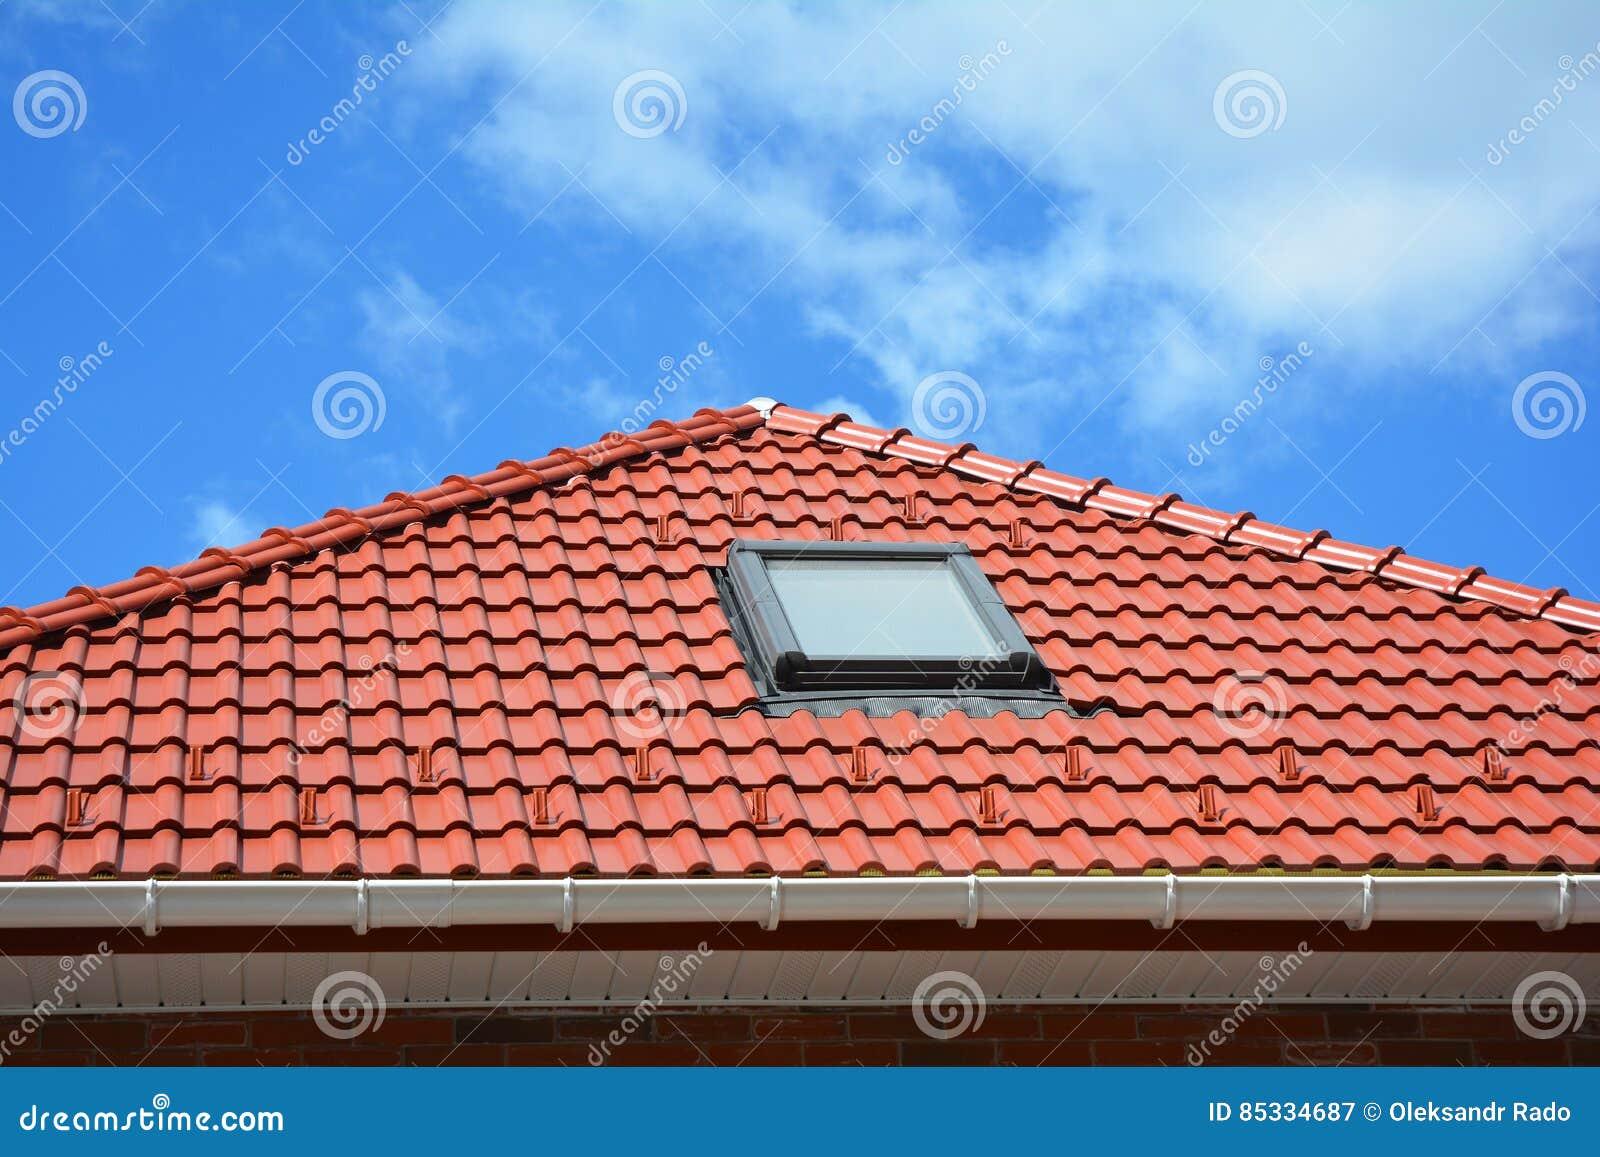 el tragaluz en las baldosas cermicas rojas contiene el tejado con el canal de la lluvia